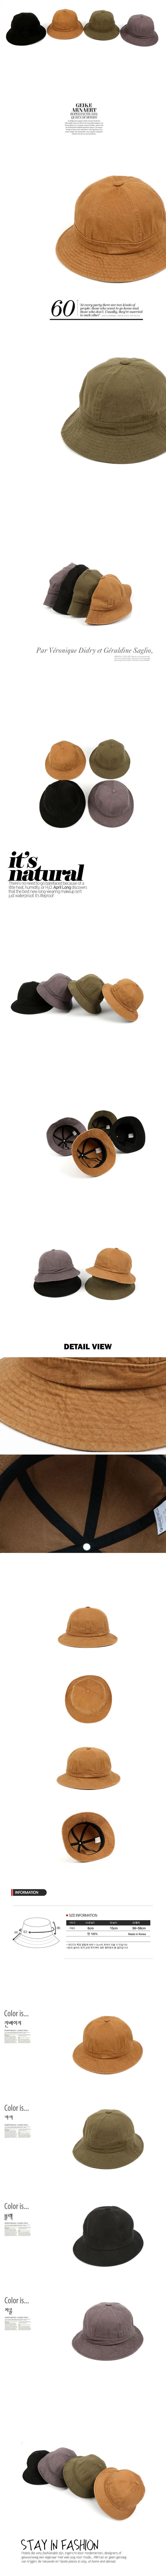 선피치육쪽 벙거지모자CH1490209 - 익스트리모, 21,160원, 모자, 버킷햇